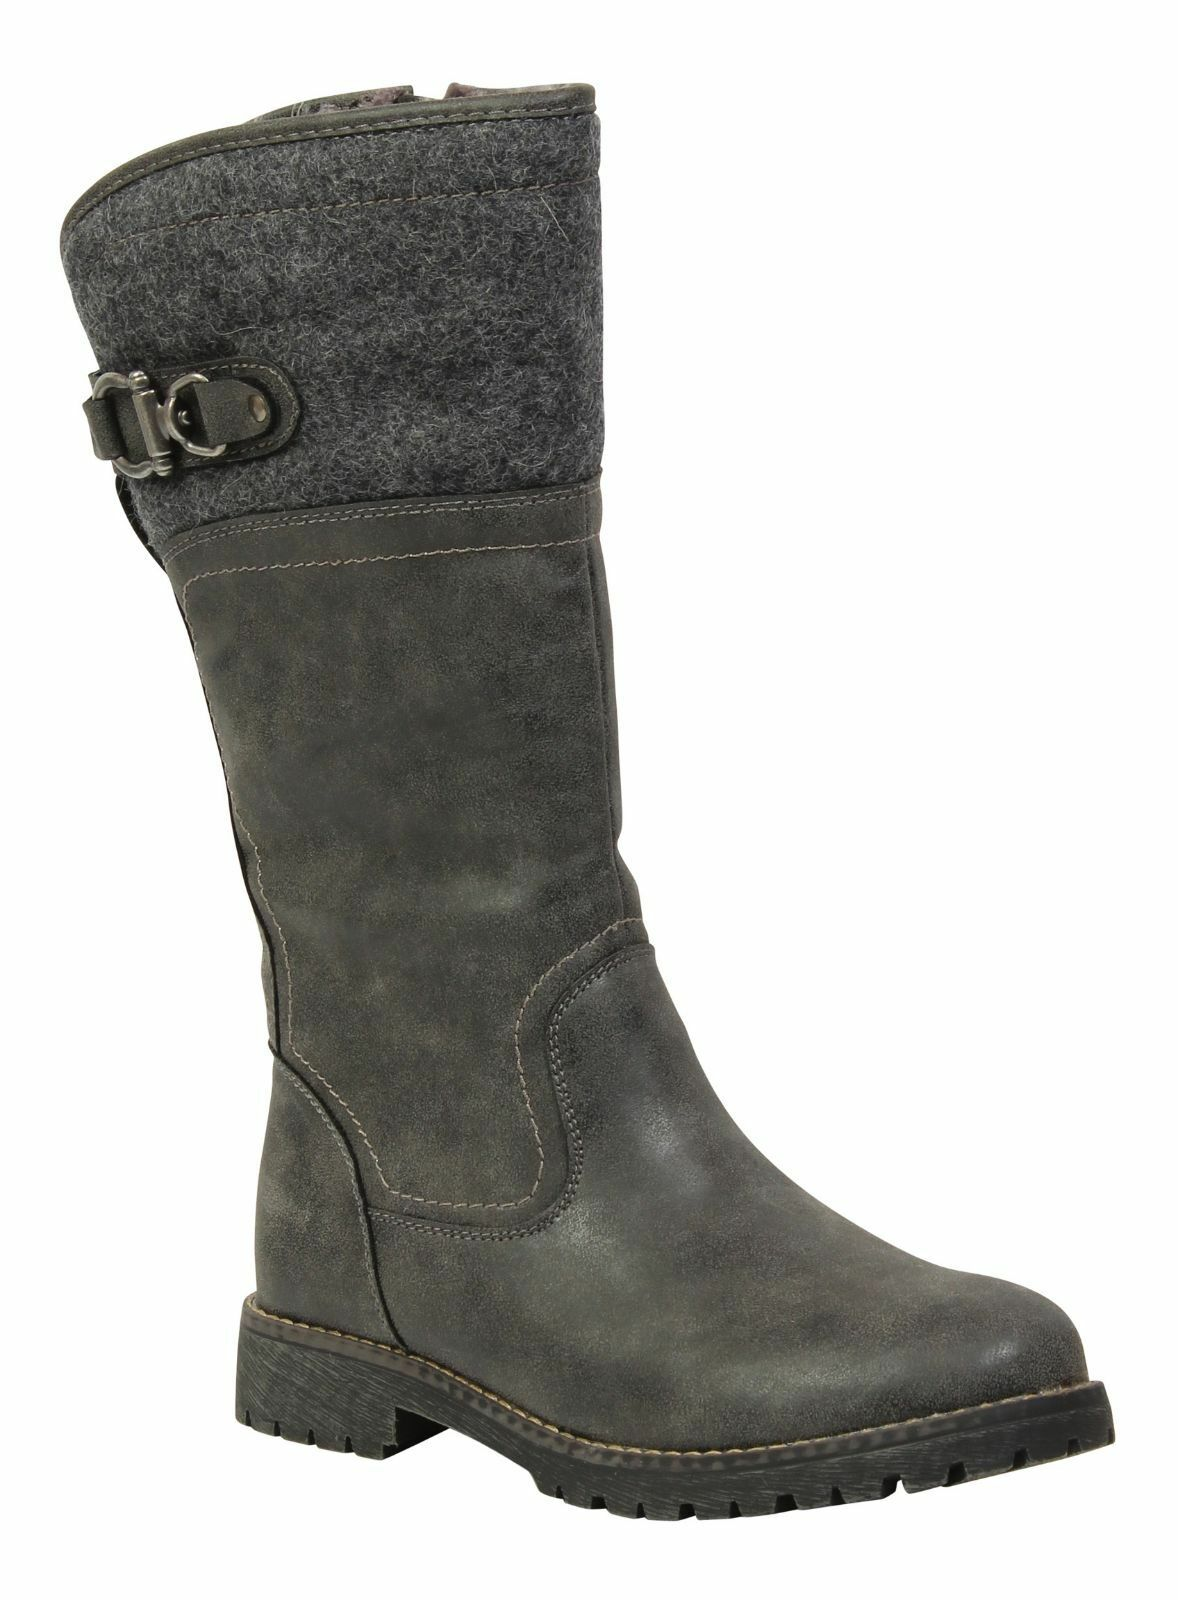 Keddo Winter gris Mid Calf Biker femmes Buckle Fully Fur Lined bottes UK 2.5, & 3